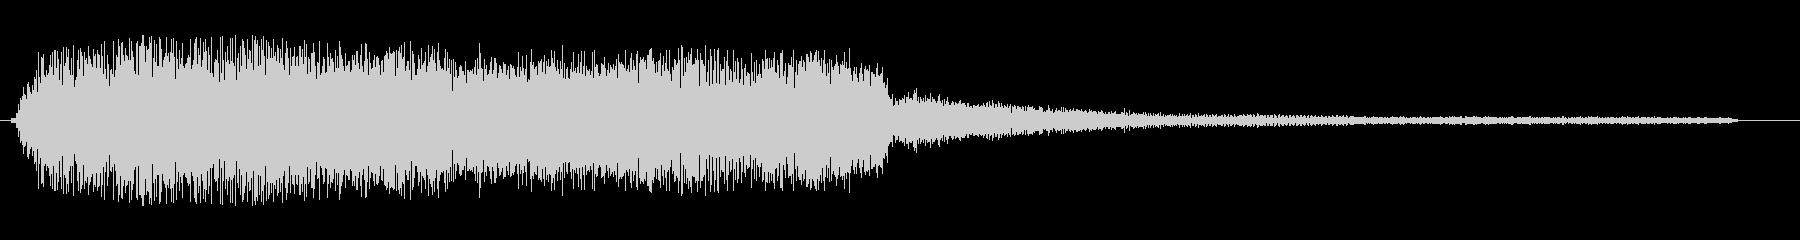 ブワ〜↑ン(上がる音)の未再生の波形